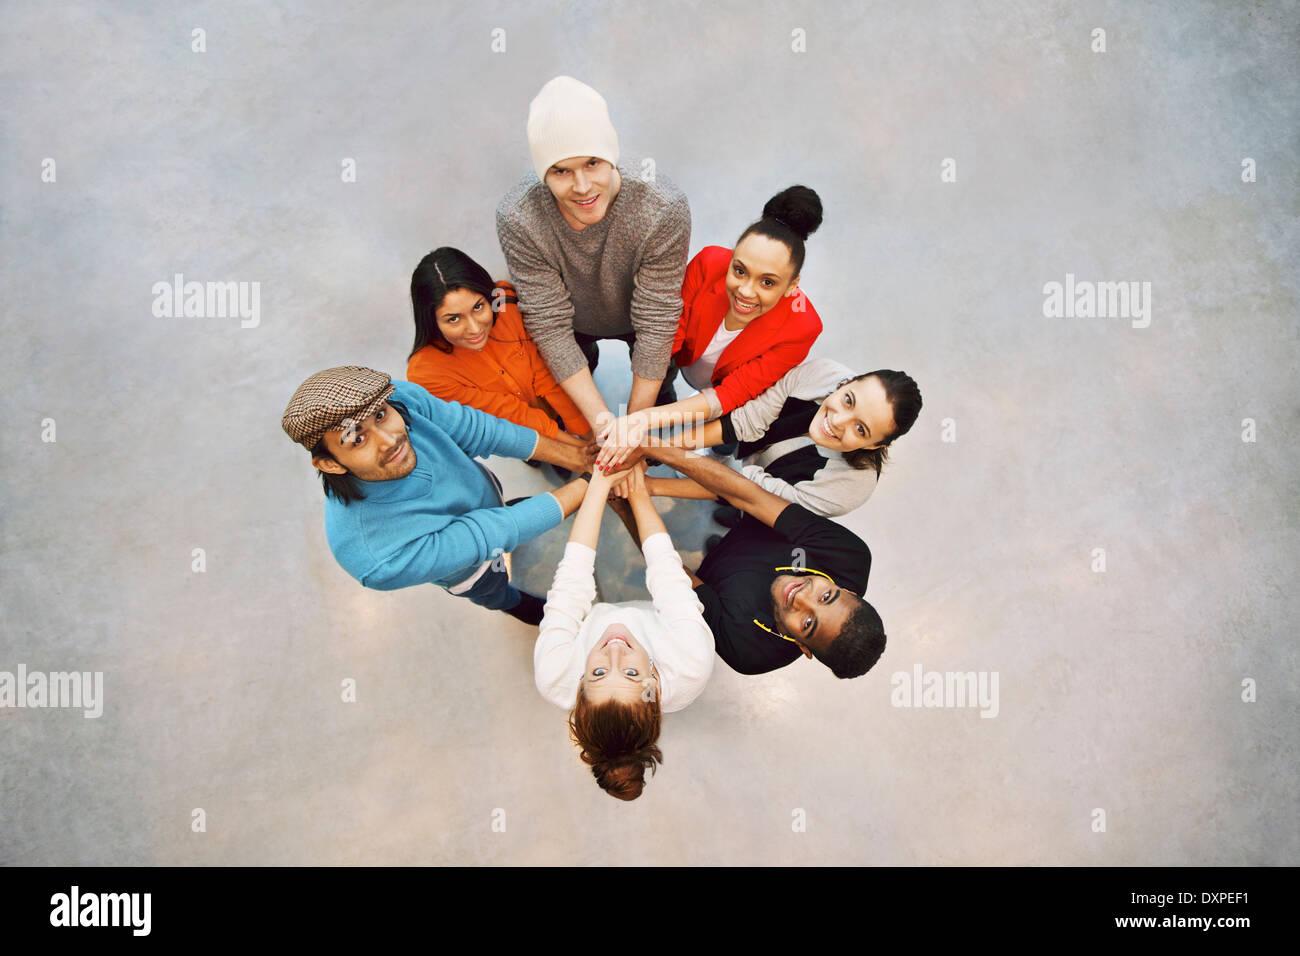 Gruppo di felice giovani studenti che mostra. Vista superiore del gruppo multietnico di giovani mettendo le mani Immagini Stock